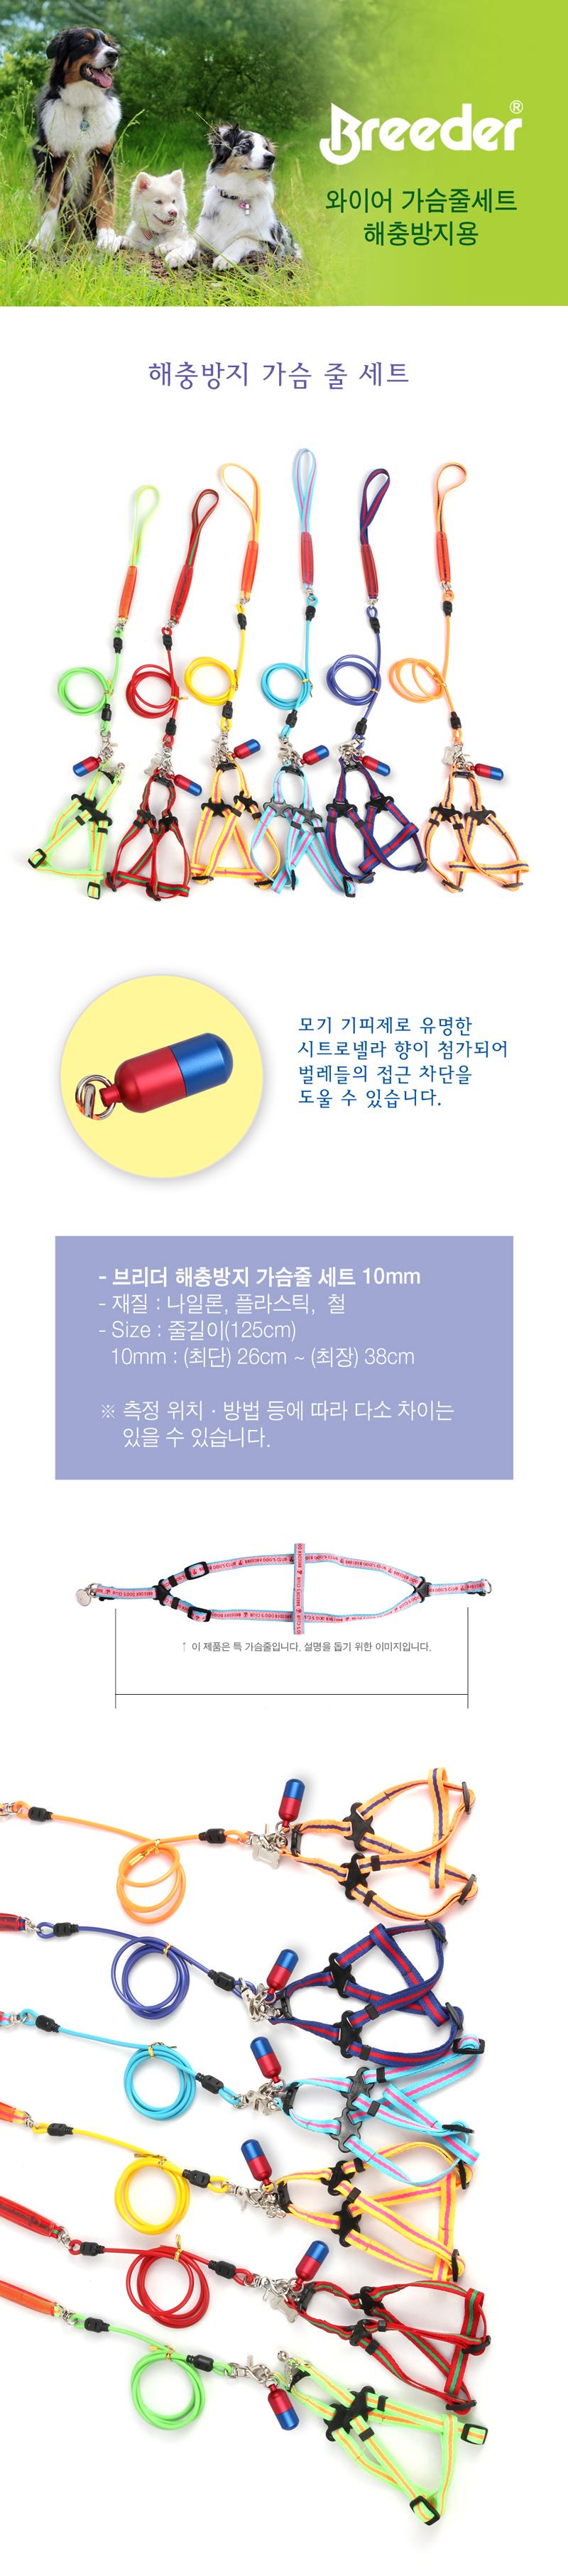 브리더 국산 형광와이어(해충방지용) 가슴줄세트 10mm (색상랜덤) - 브리더, 9,400원, 이동장/리드줄/야외용품, 목줄/가슴줄